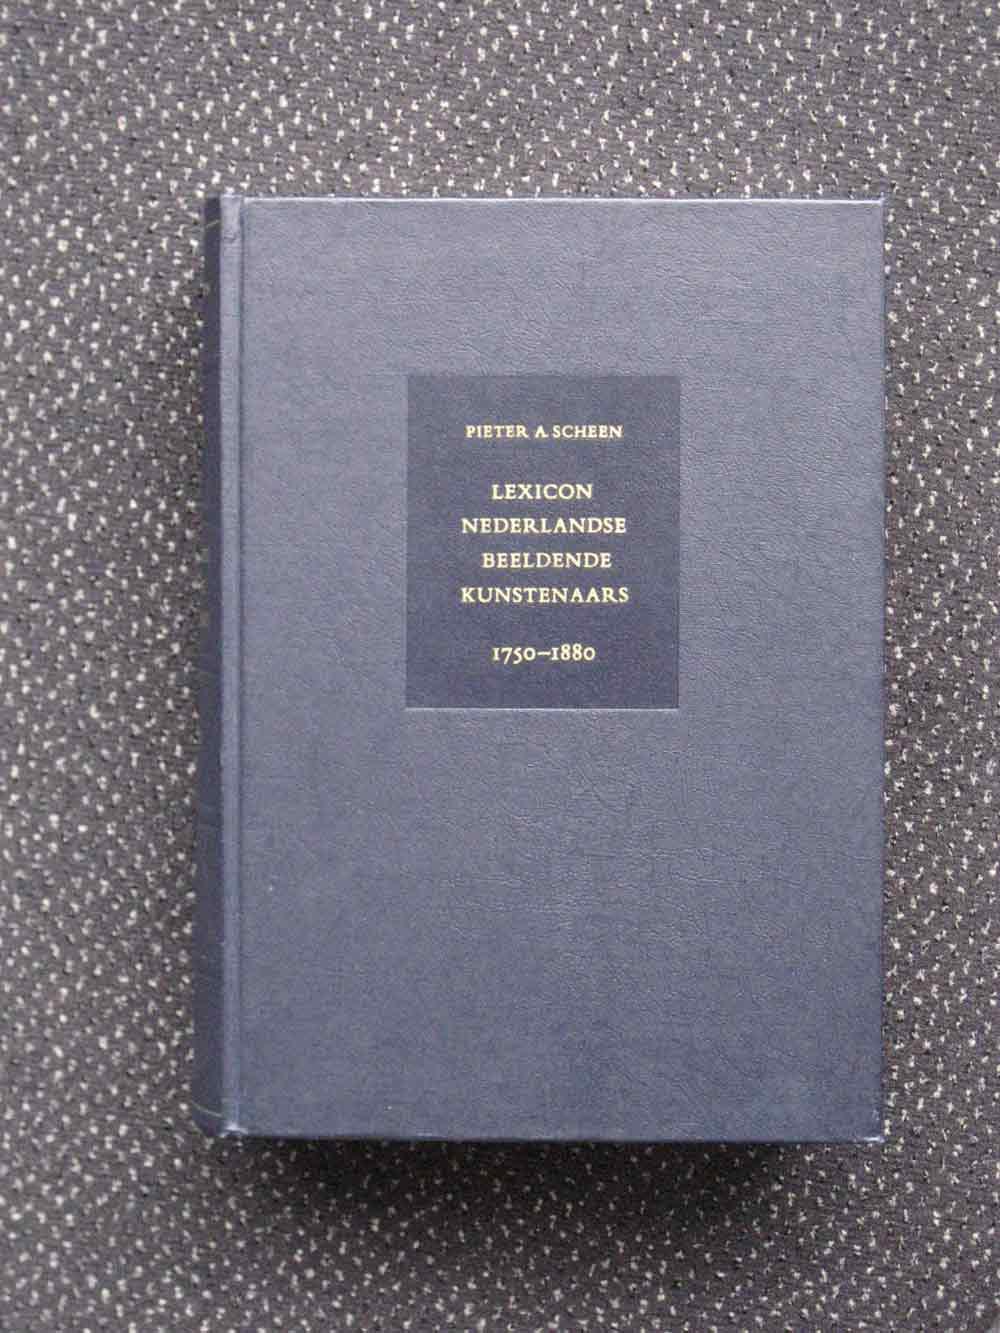 P.A. Scheen, Blauw, 1750-1850, nieuwstaat